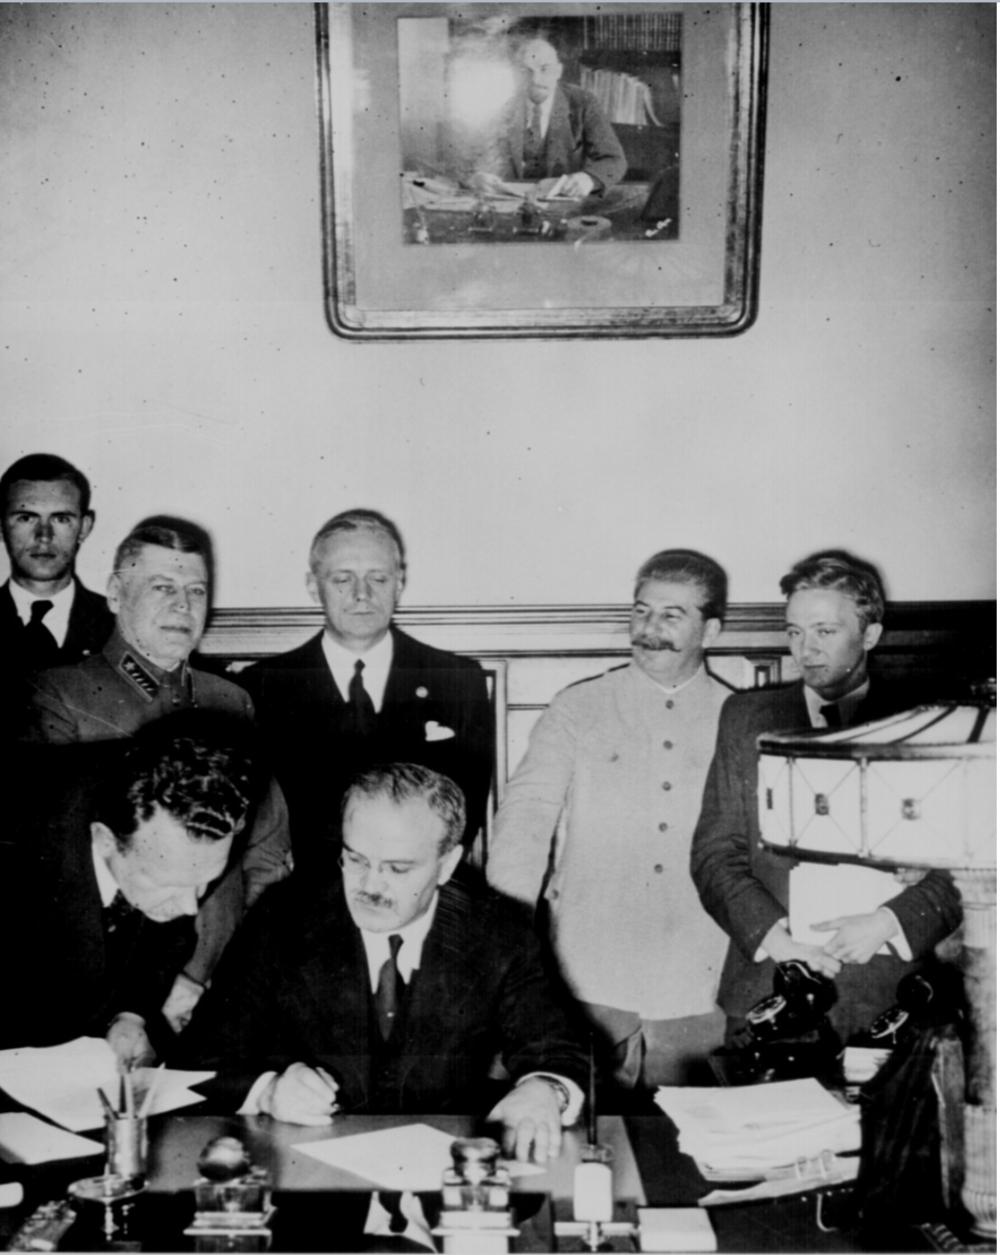 Mólotov (sentado) von Ribbentrop (detrás de Molotov) y Stalin sonriendo (a la izquierda de von Ribbentrop)